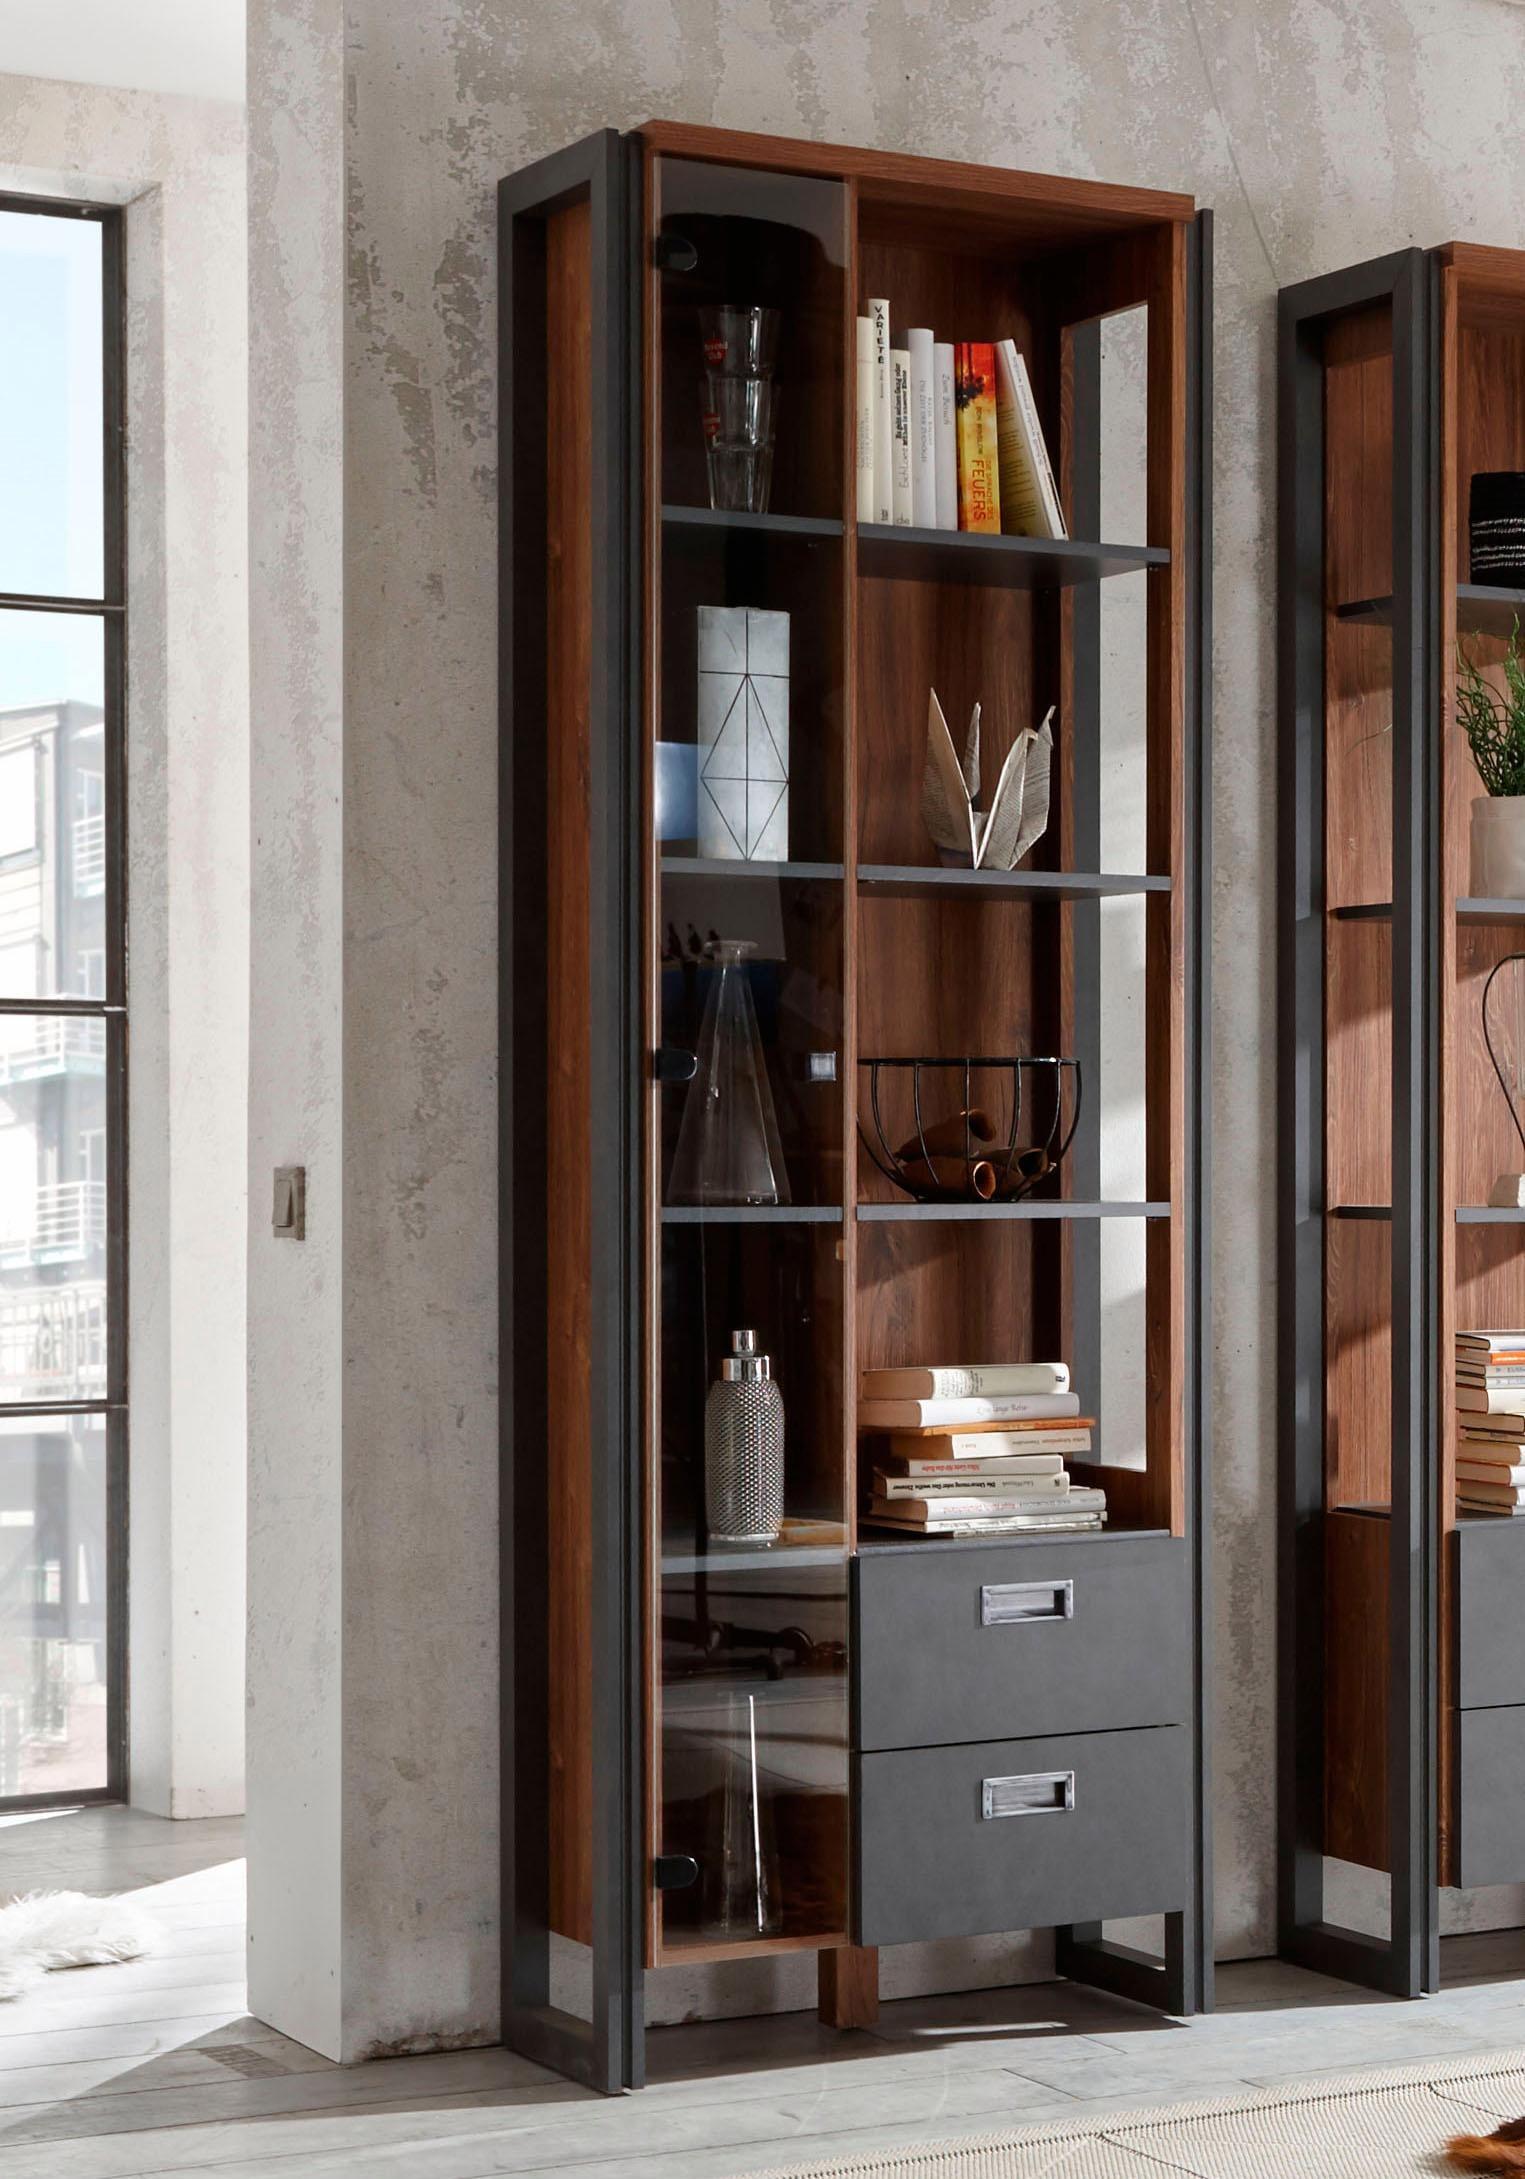 Home affaire Mehrzweckregal Detroit, Höhe 202 cm, im angesagten Industrial- günstig online kaufen